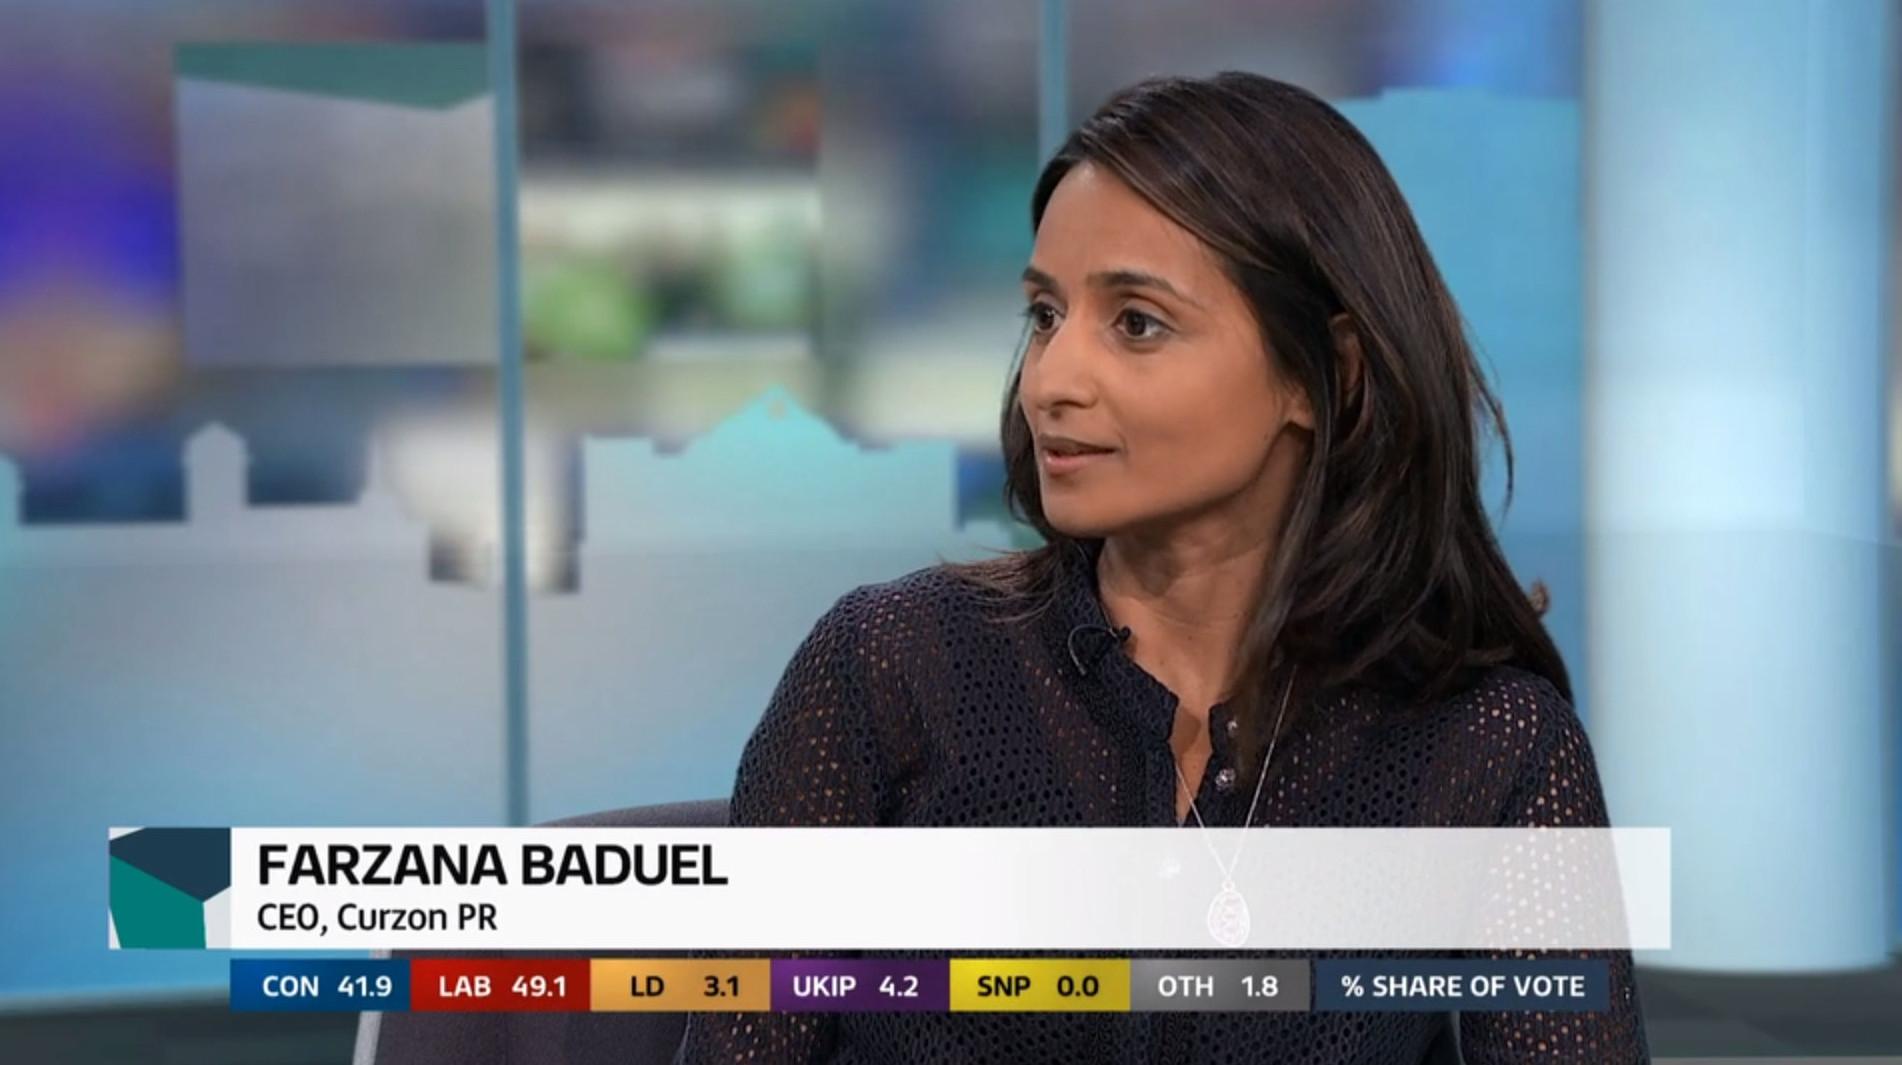 Farzana Baduel at ITV News